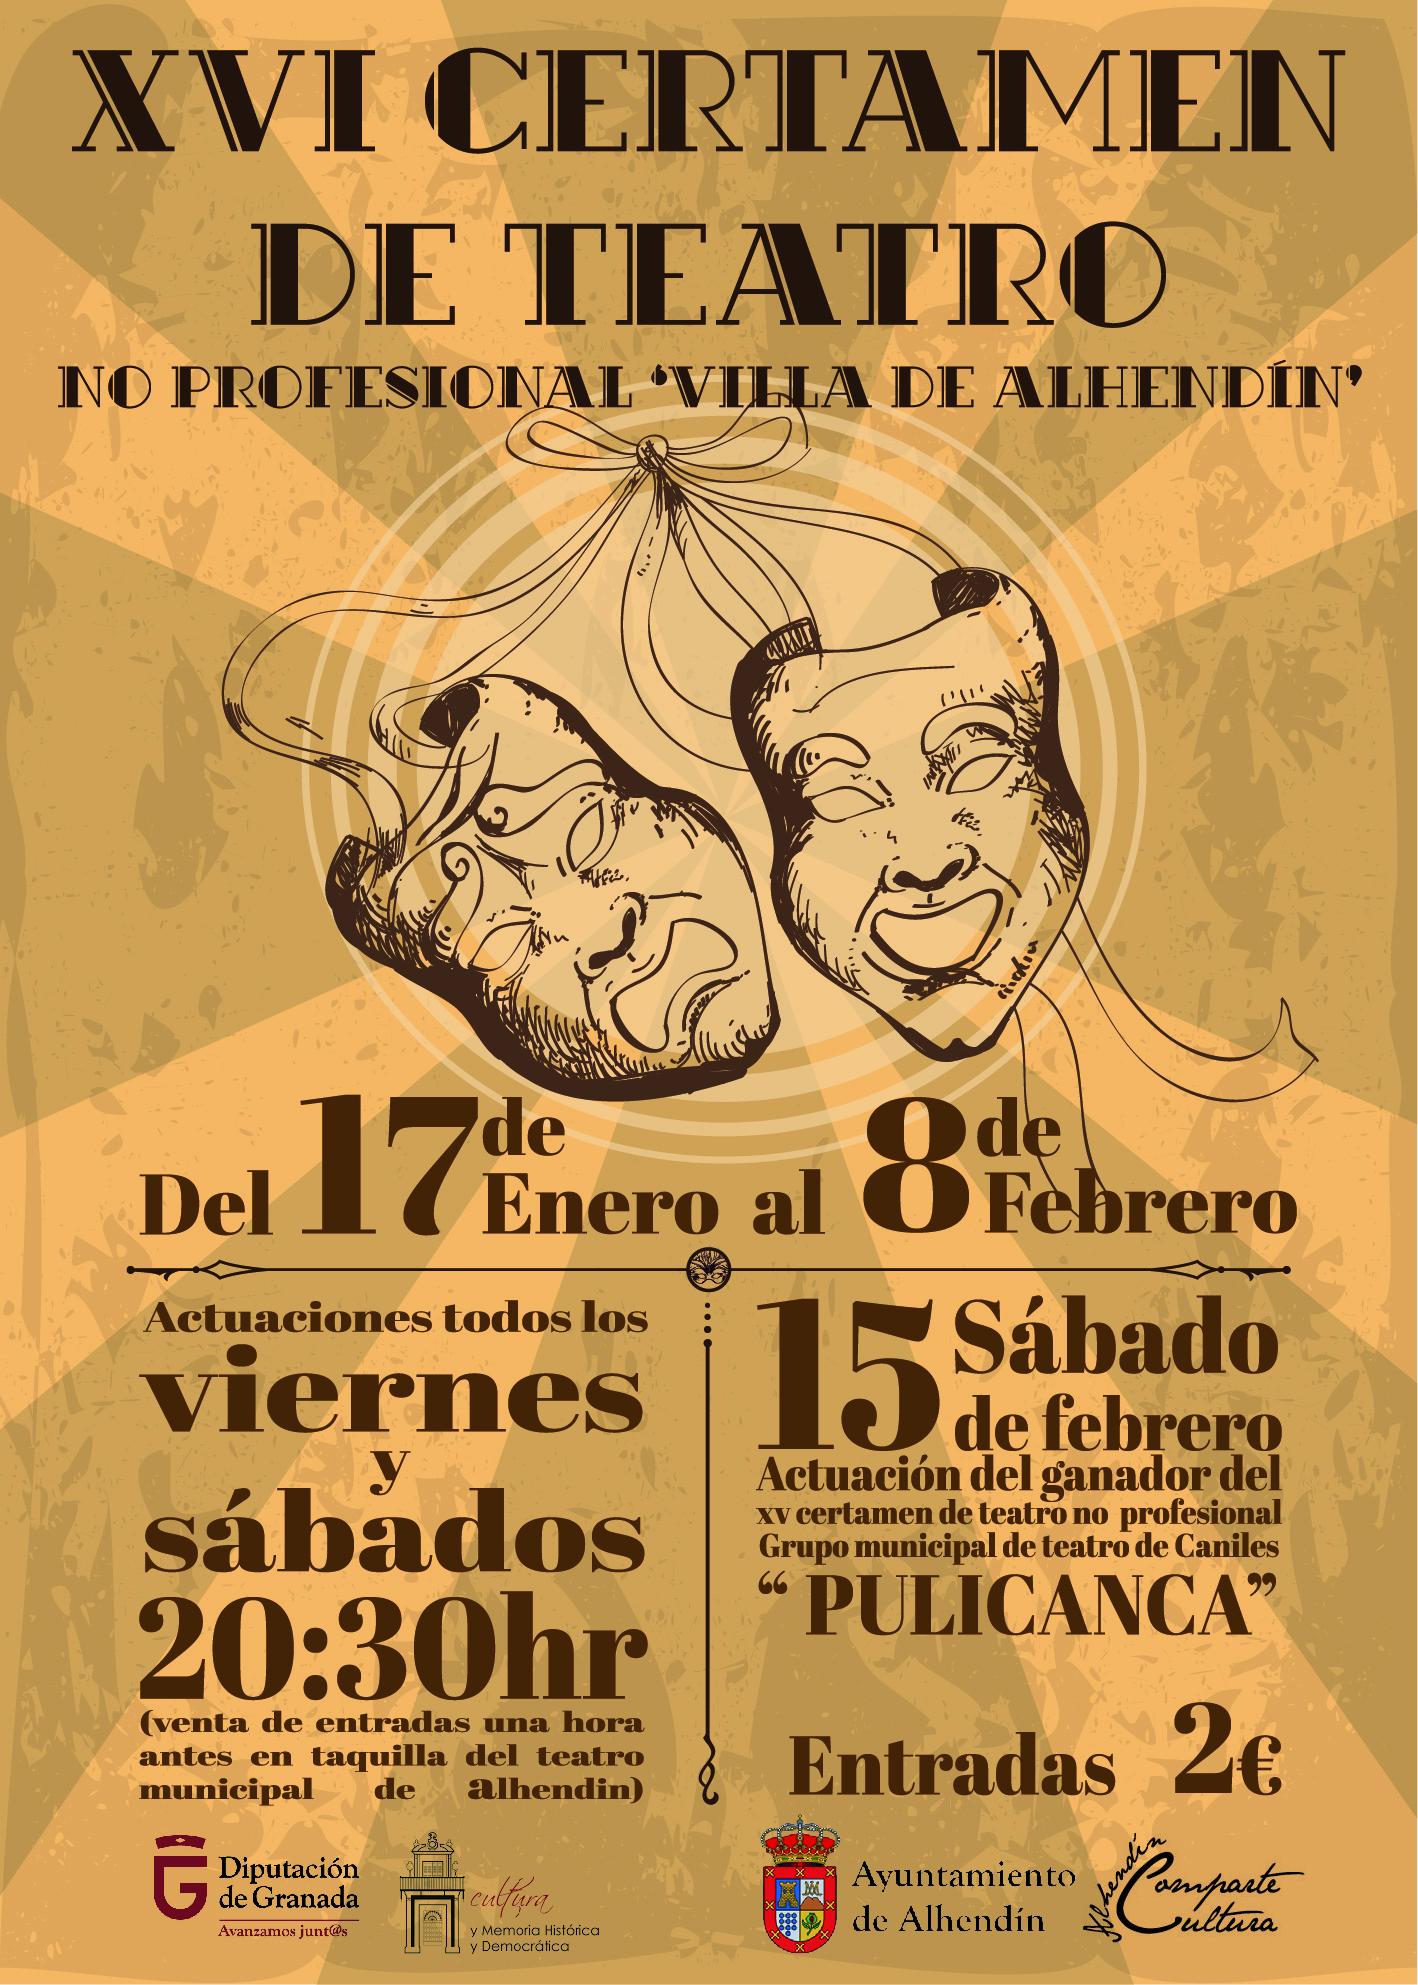 El Certamen de Teatro no profesional de Alhendín inaugura mañana su XVI edición